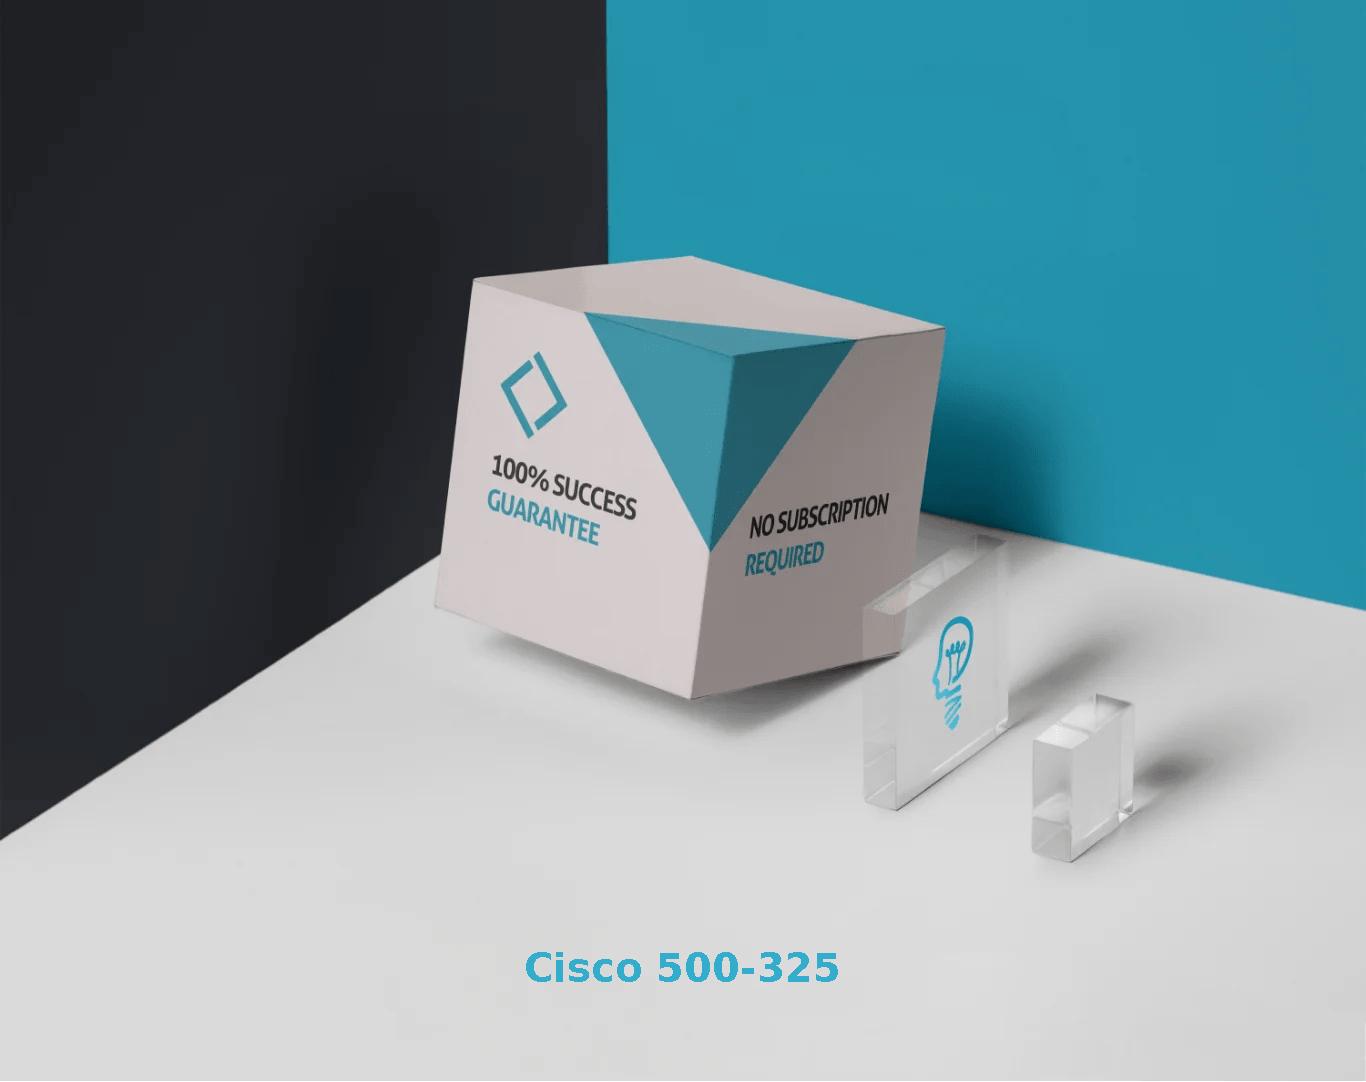 Cisco 500-325 Exams